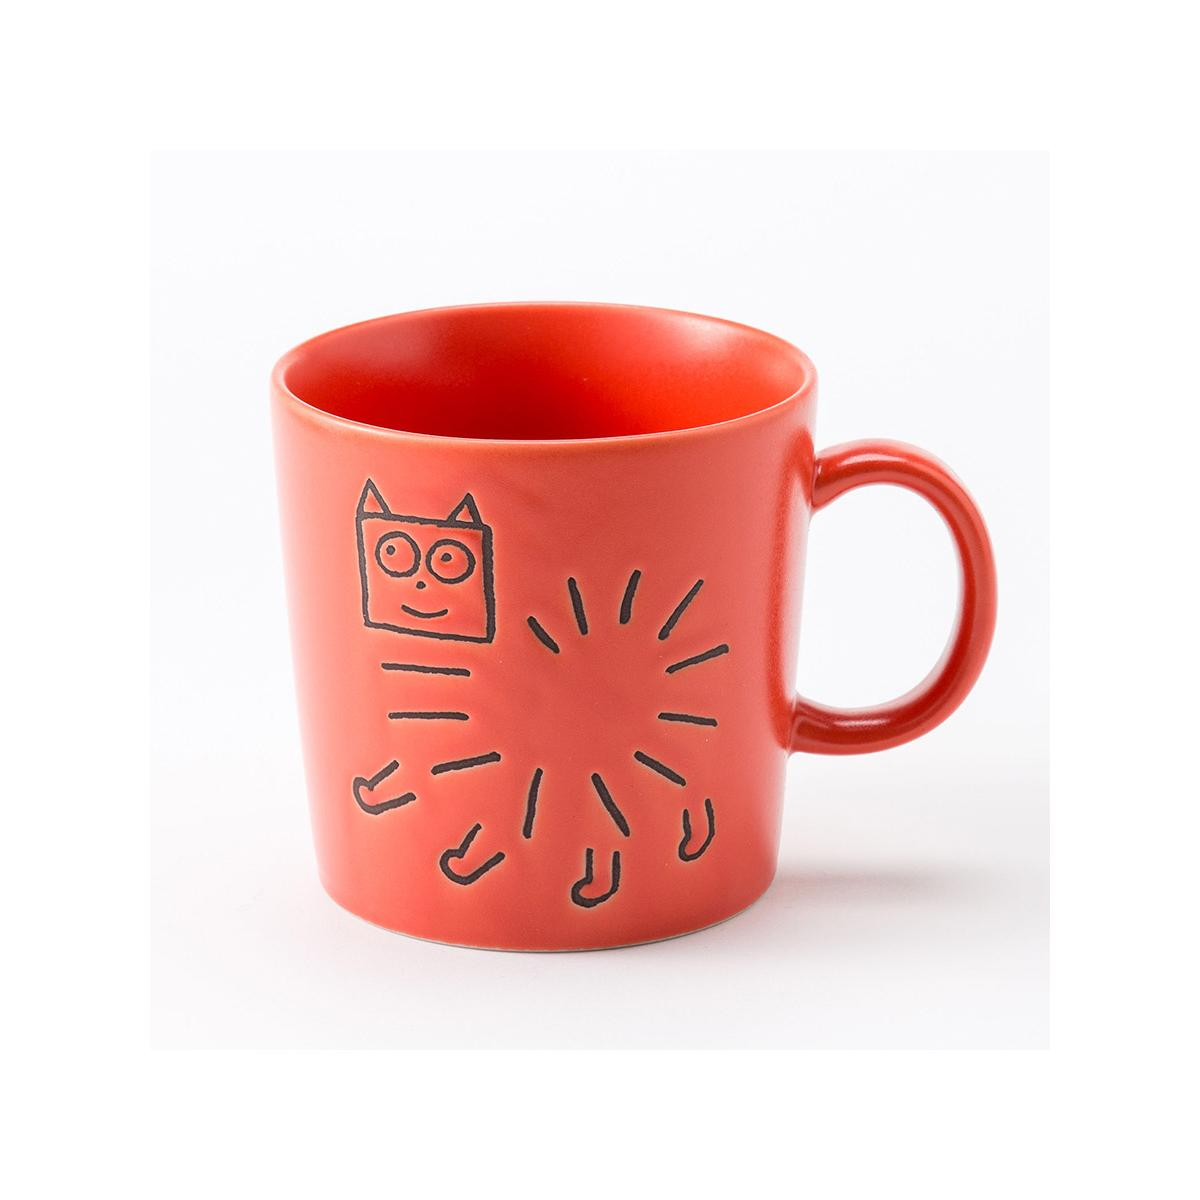 8.5 x 8cm ceramic mug - Bane